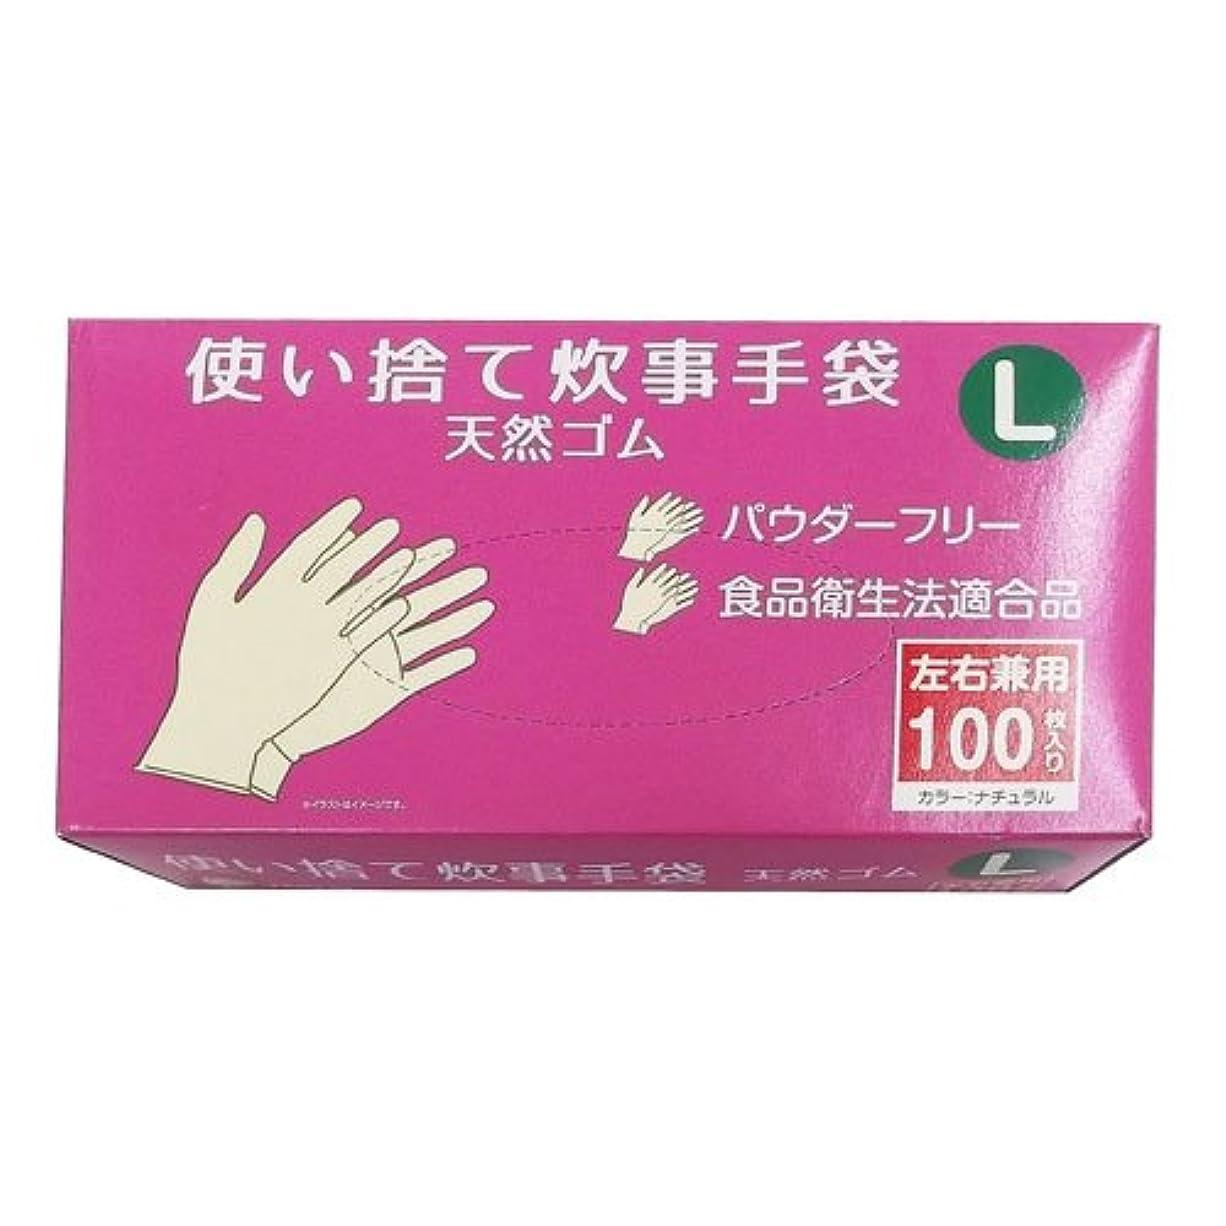 ダイエットコース年金コーナンオリジナル 使い捨て 炊事手袋 天然ゴム 100枚入り L